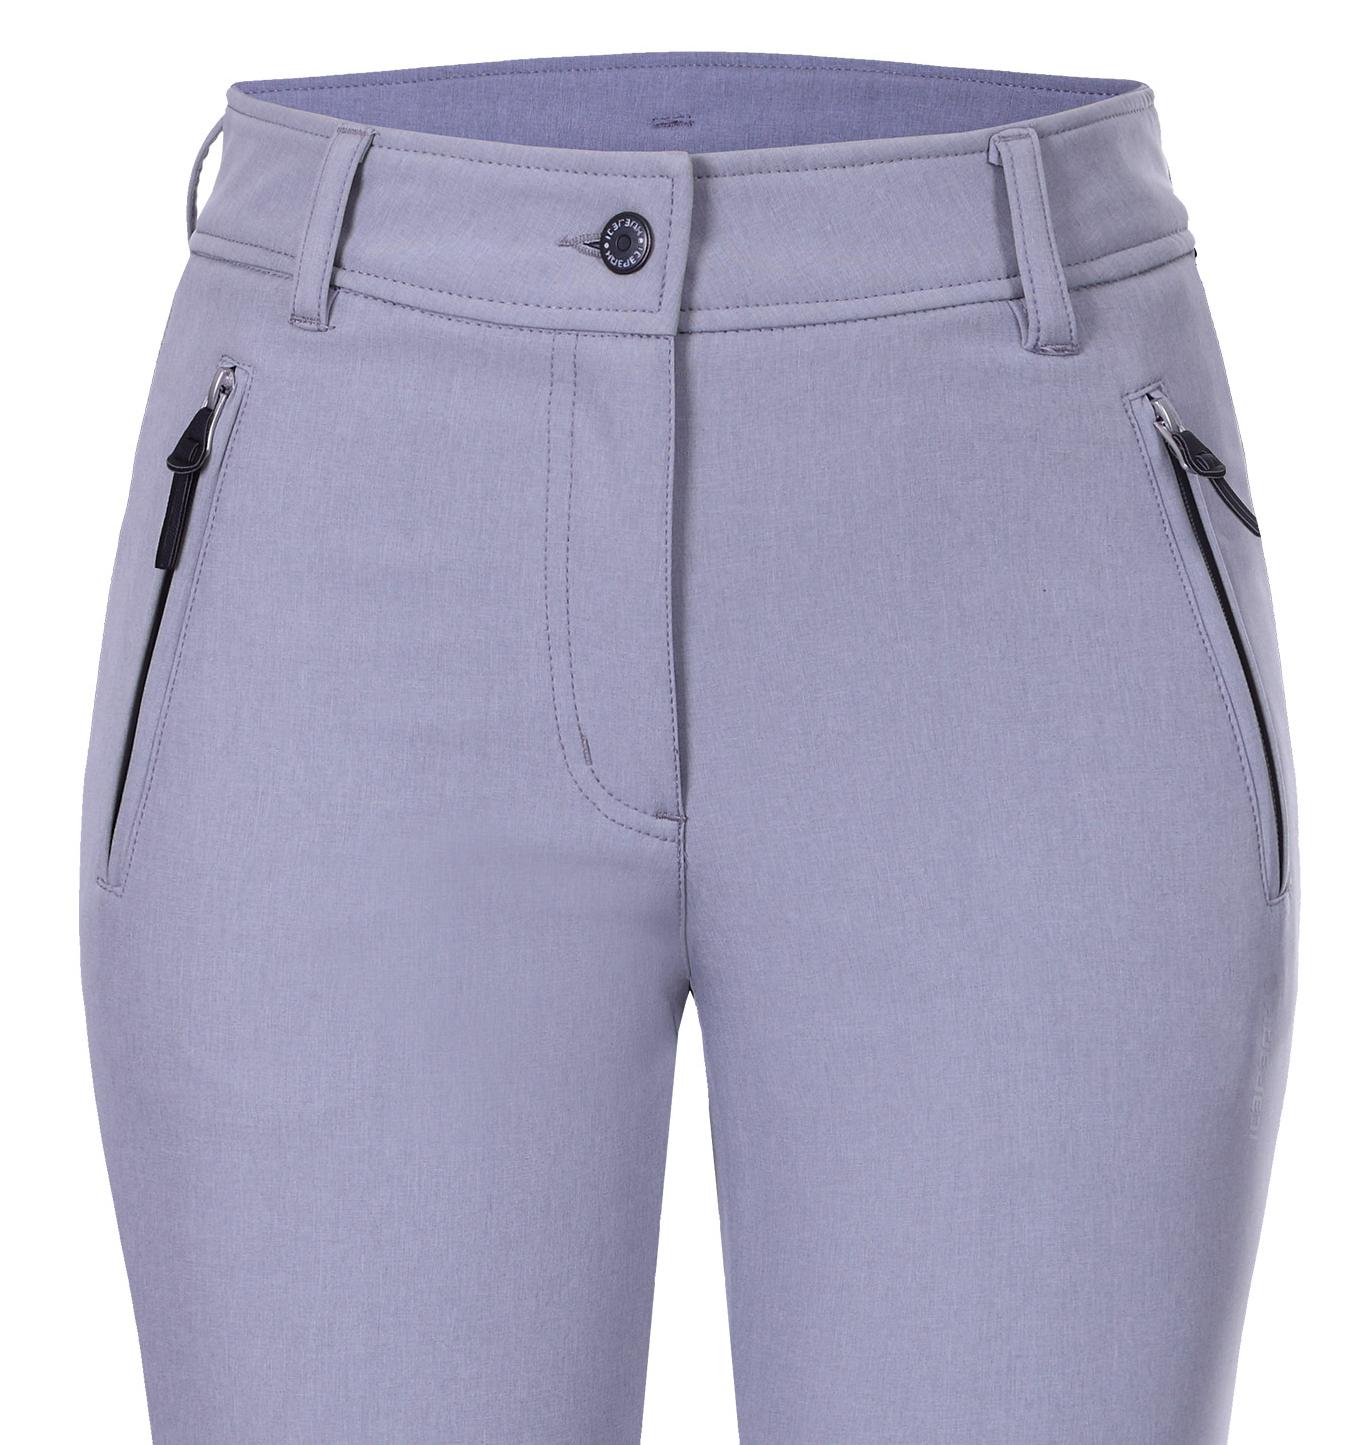 2b187fc06fa6 Dámske softshellové nohavice Icepeak Outi 54101-810 svetlo sivé